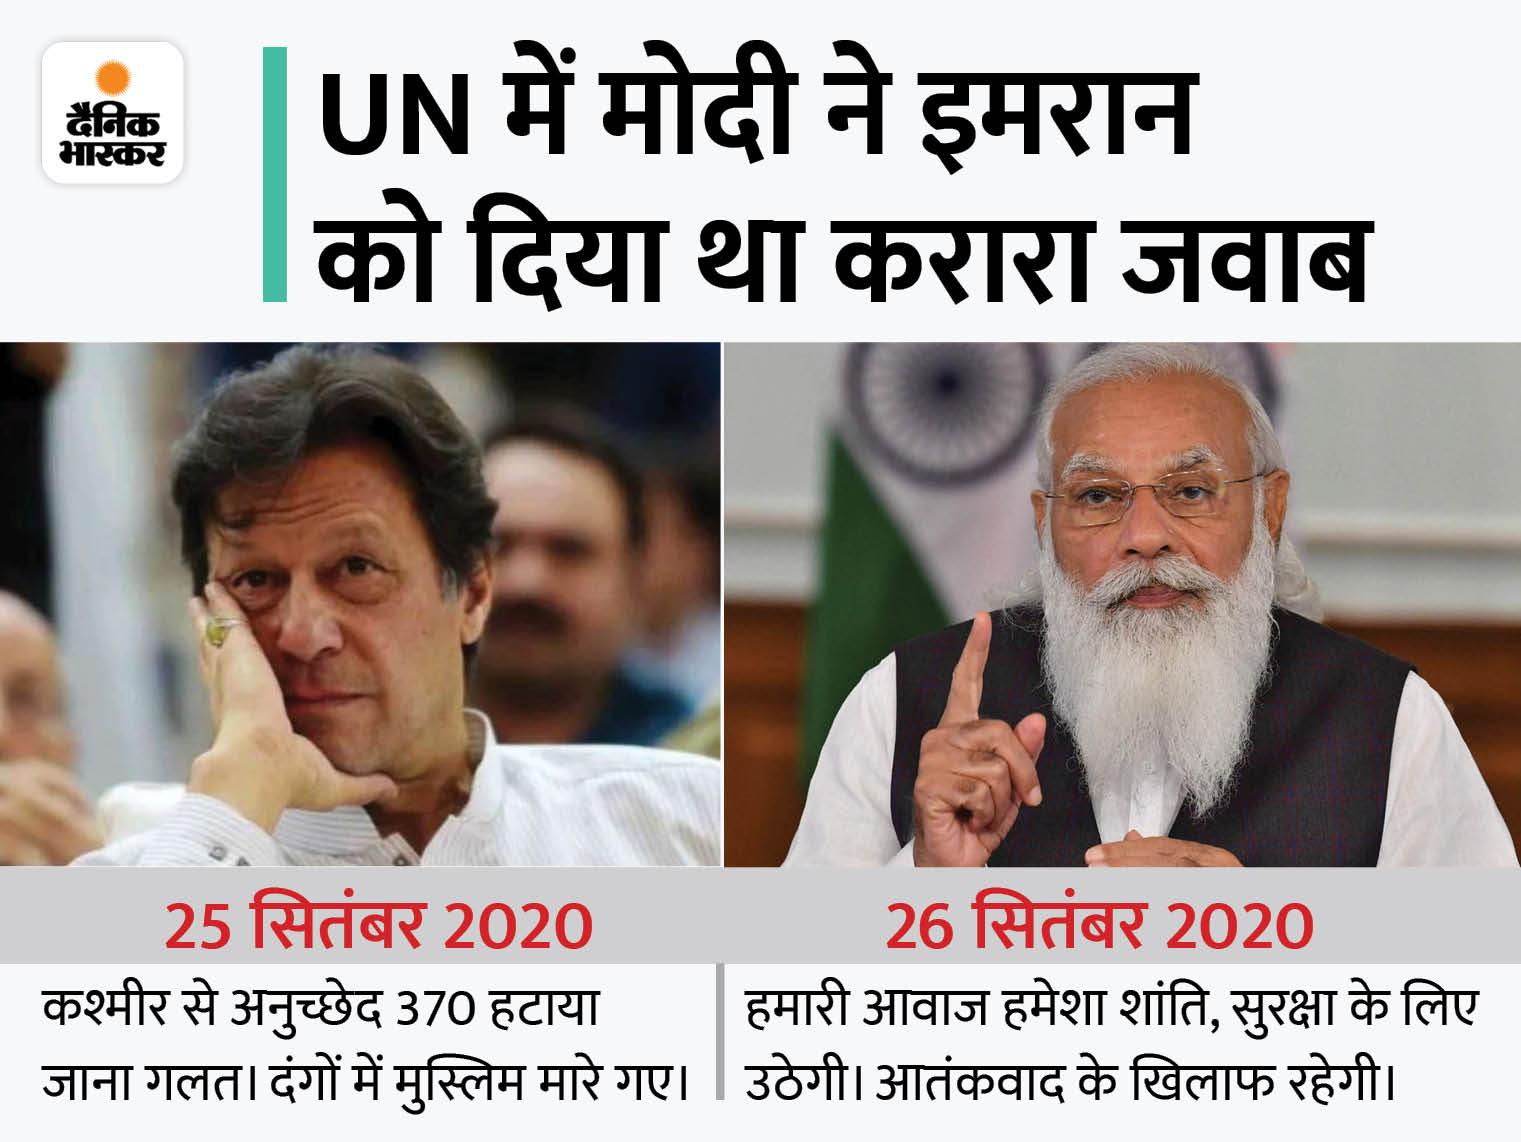 PM मोदी SCO समिट में पाकिस्तानी प्रधानमंत्री की मौजूदगी में आतंकवाद पर बोलेंगे, तालिबान का नाम नहीं लेंगे|देश,National - Dainik Bhaskar